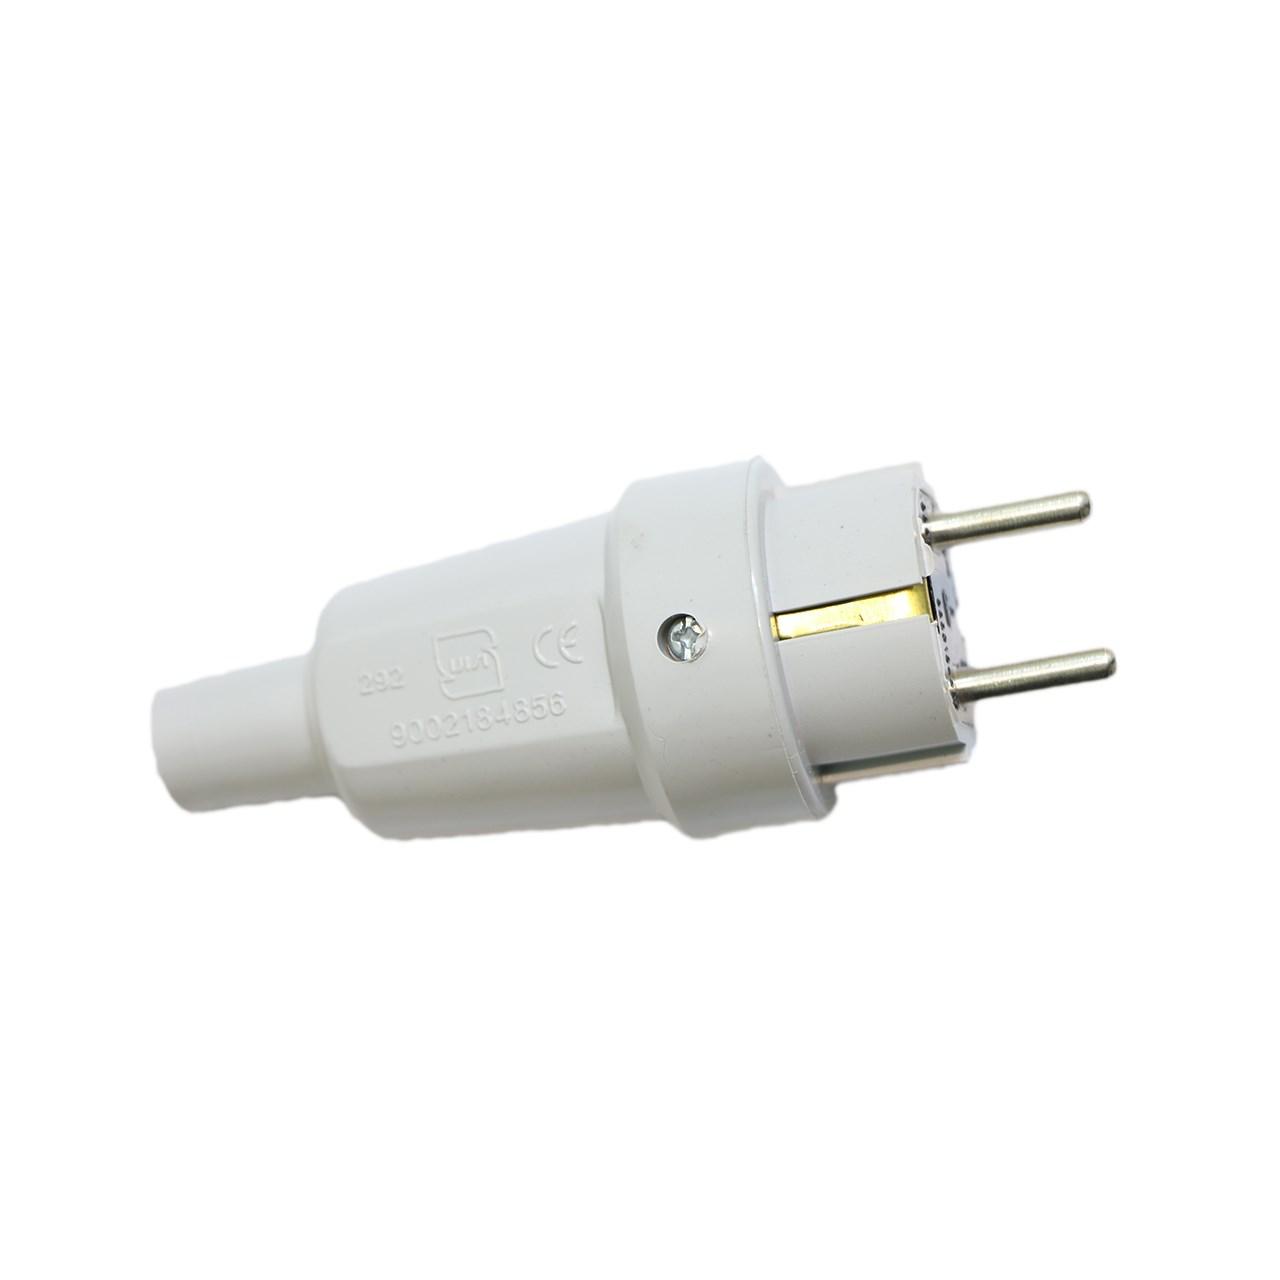 دوشاخه برق پارت الکتریک